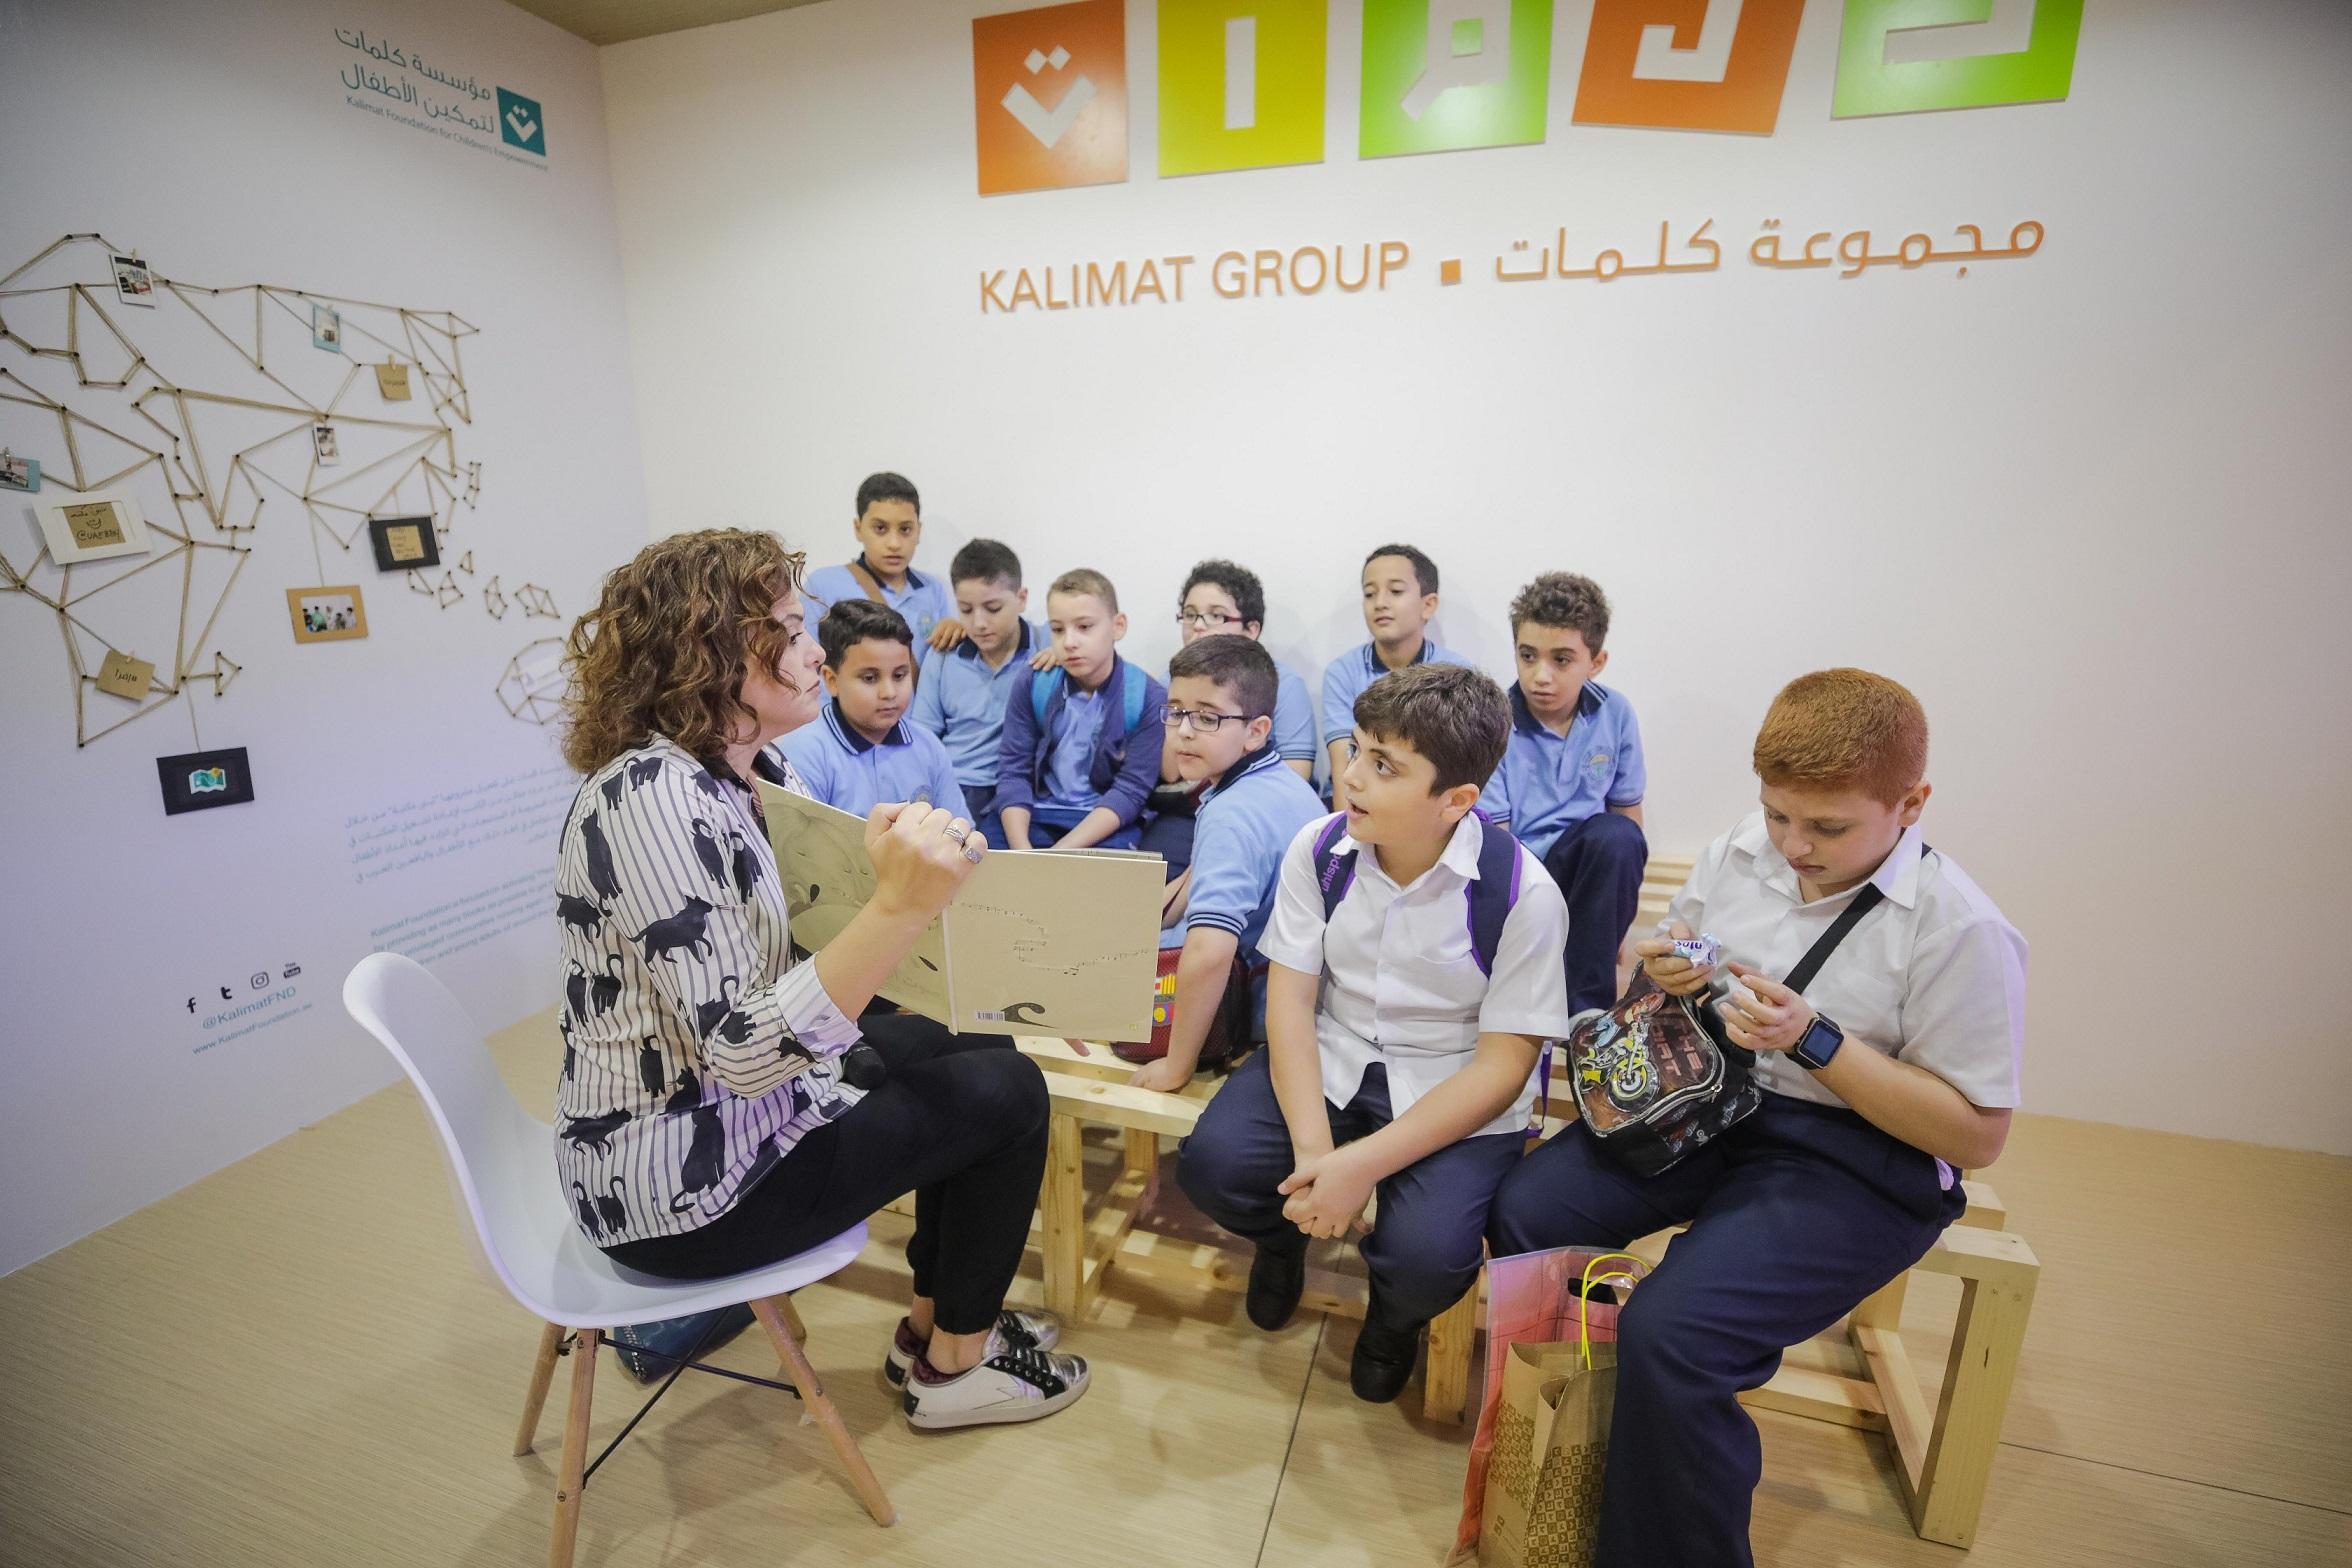 """""""رانيا ضاهر"""" تلتقي جمهورها بالأمل والسعادة في معرض الشارقة الدولي للكتاب"""